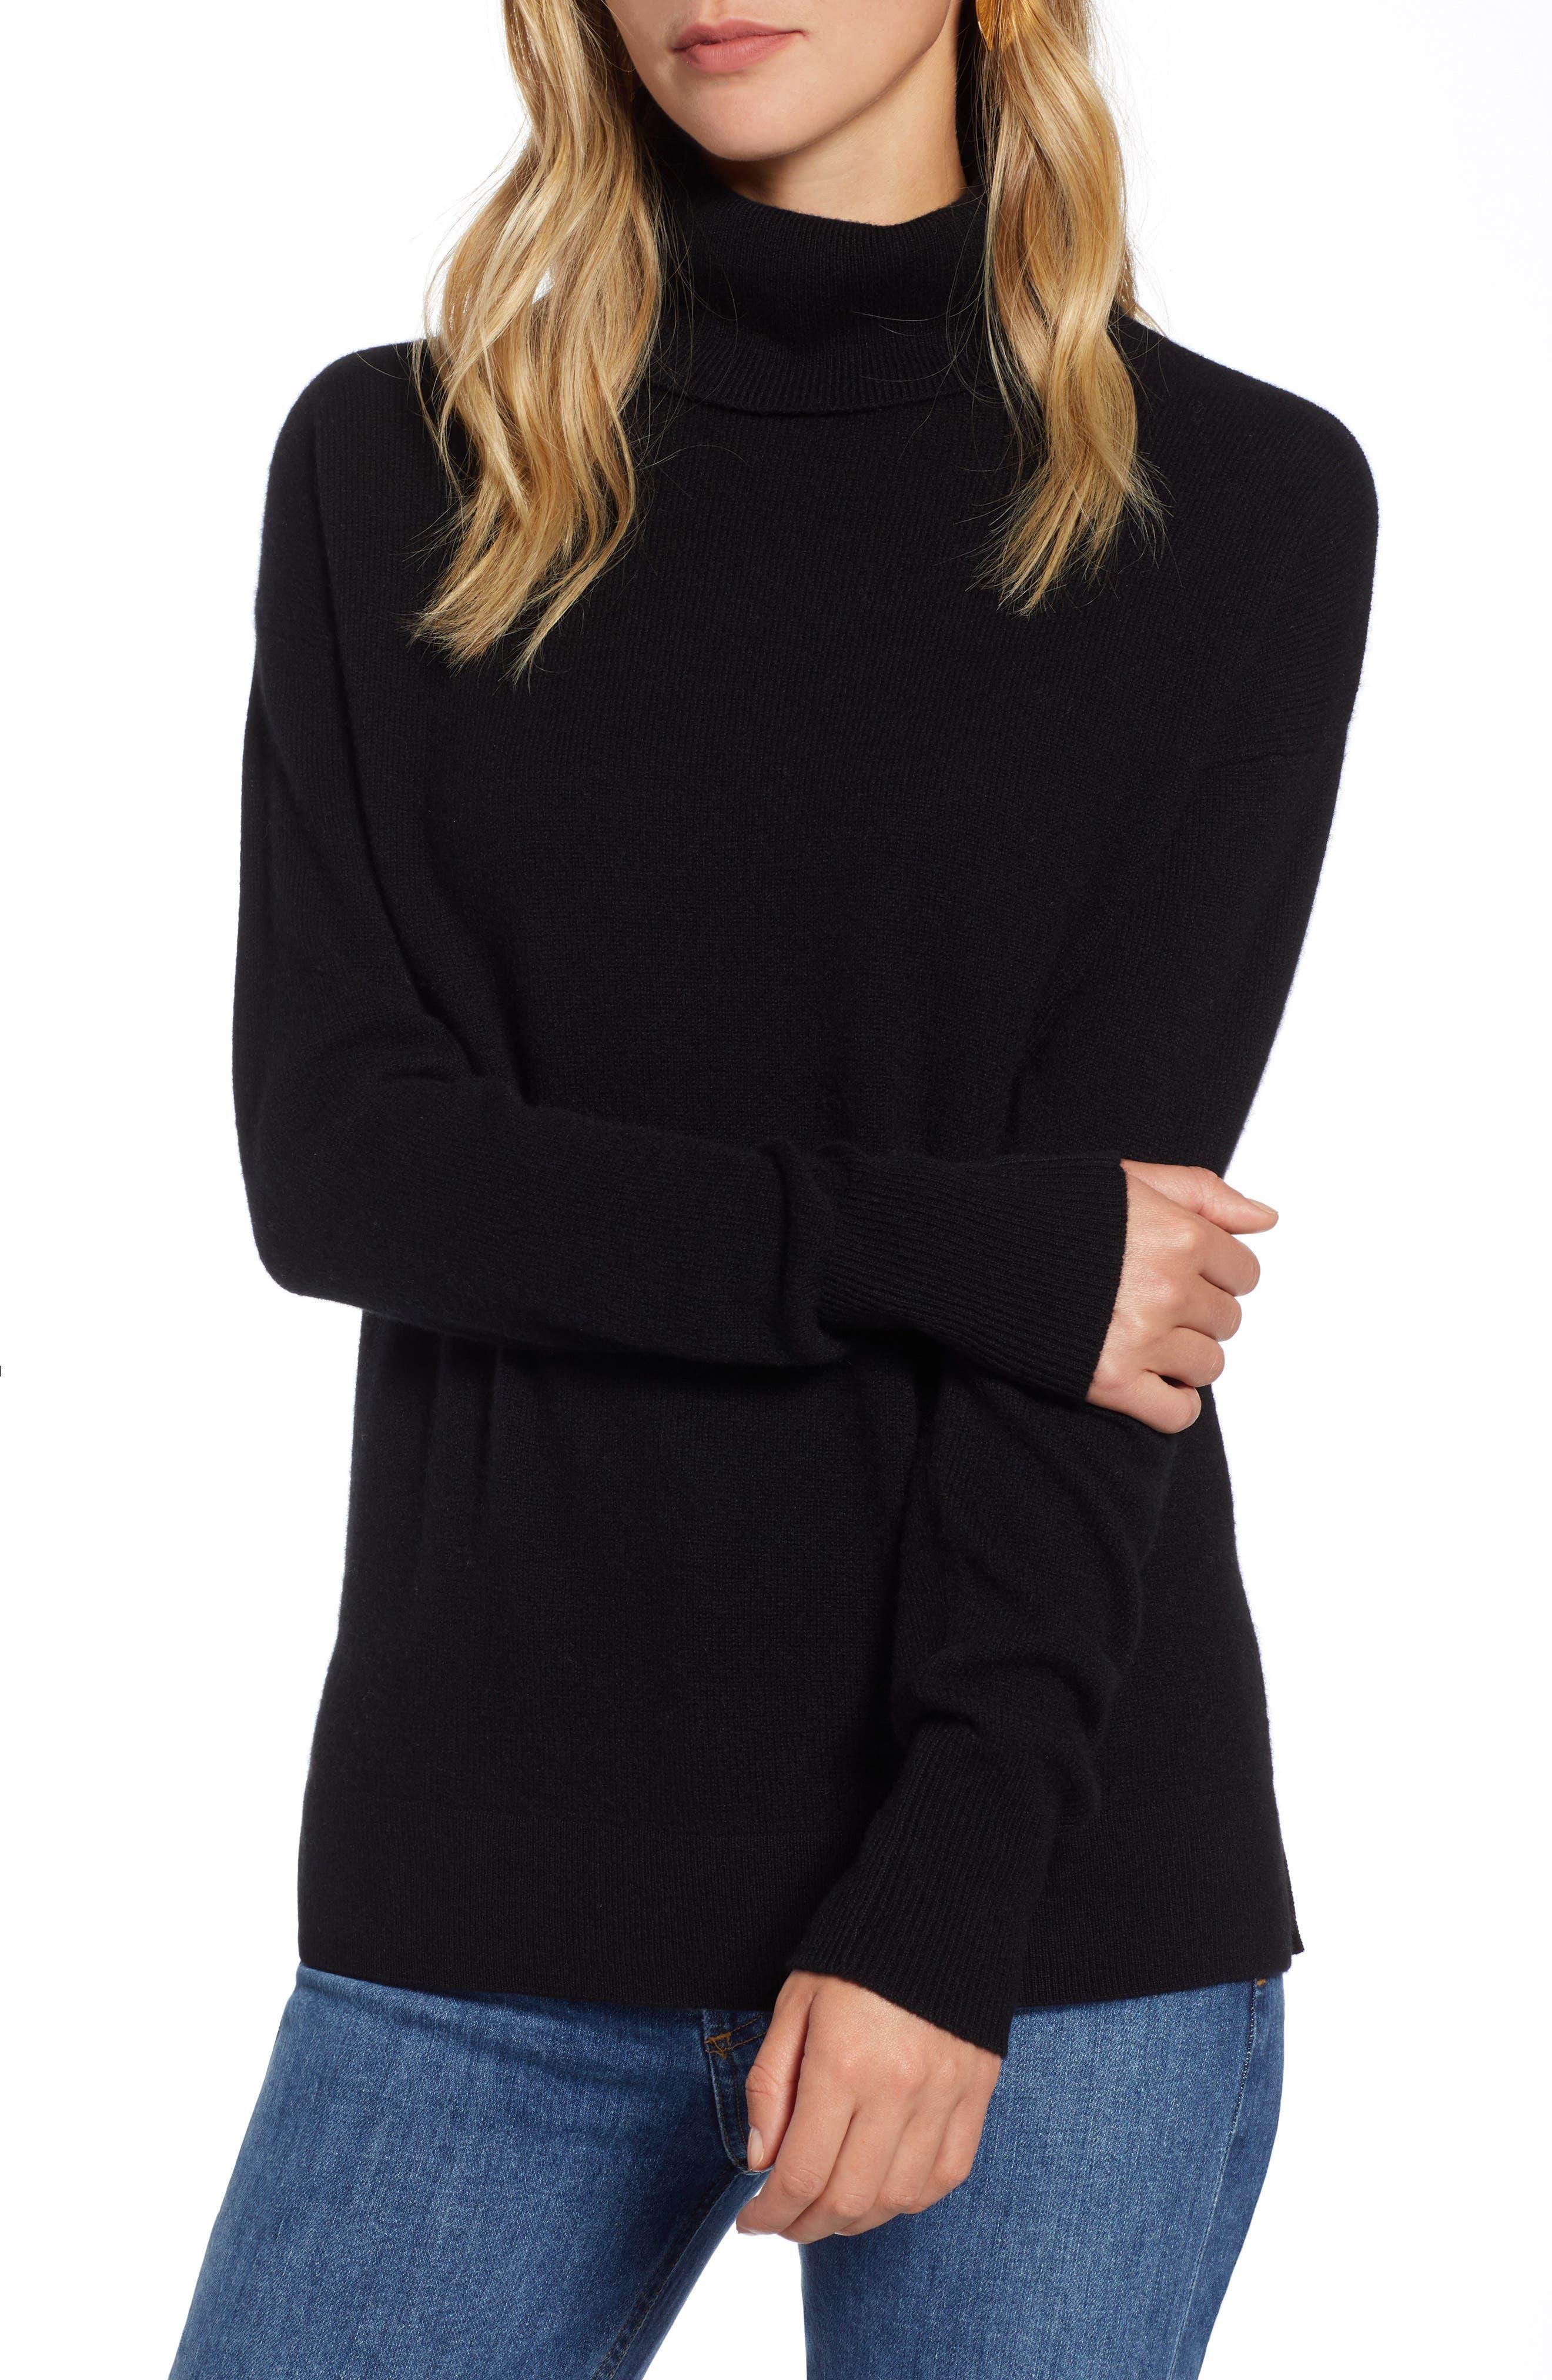 HALOGEN<SUP>®</SUP>, Cashmere Turtleneck Sweater, Main thumbnail 1, color, 001